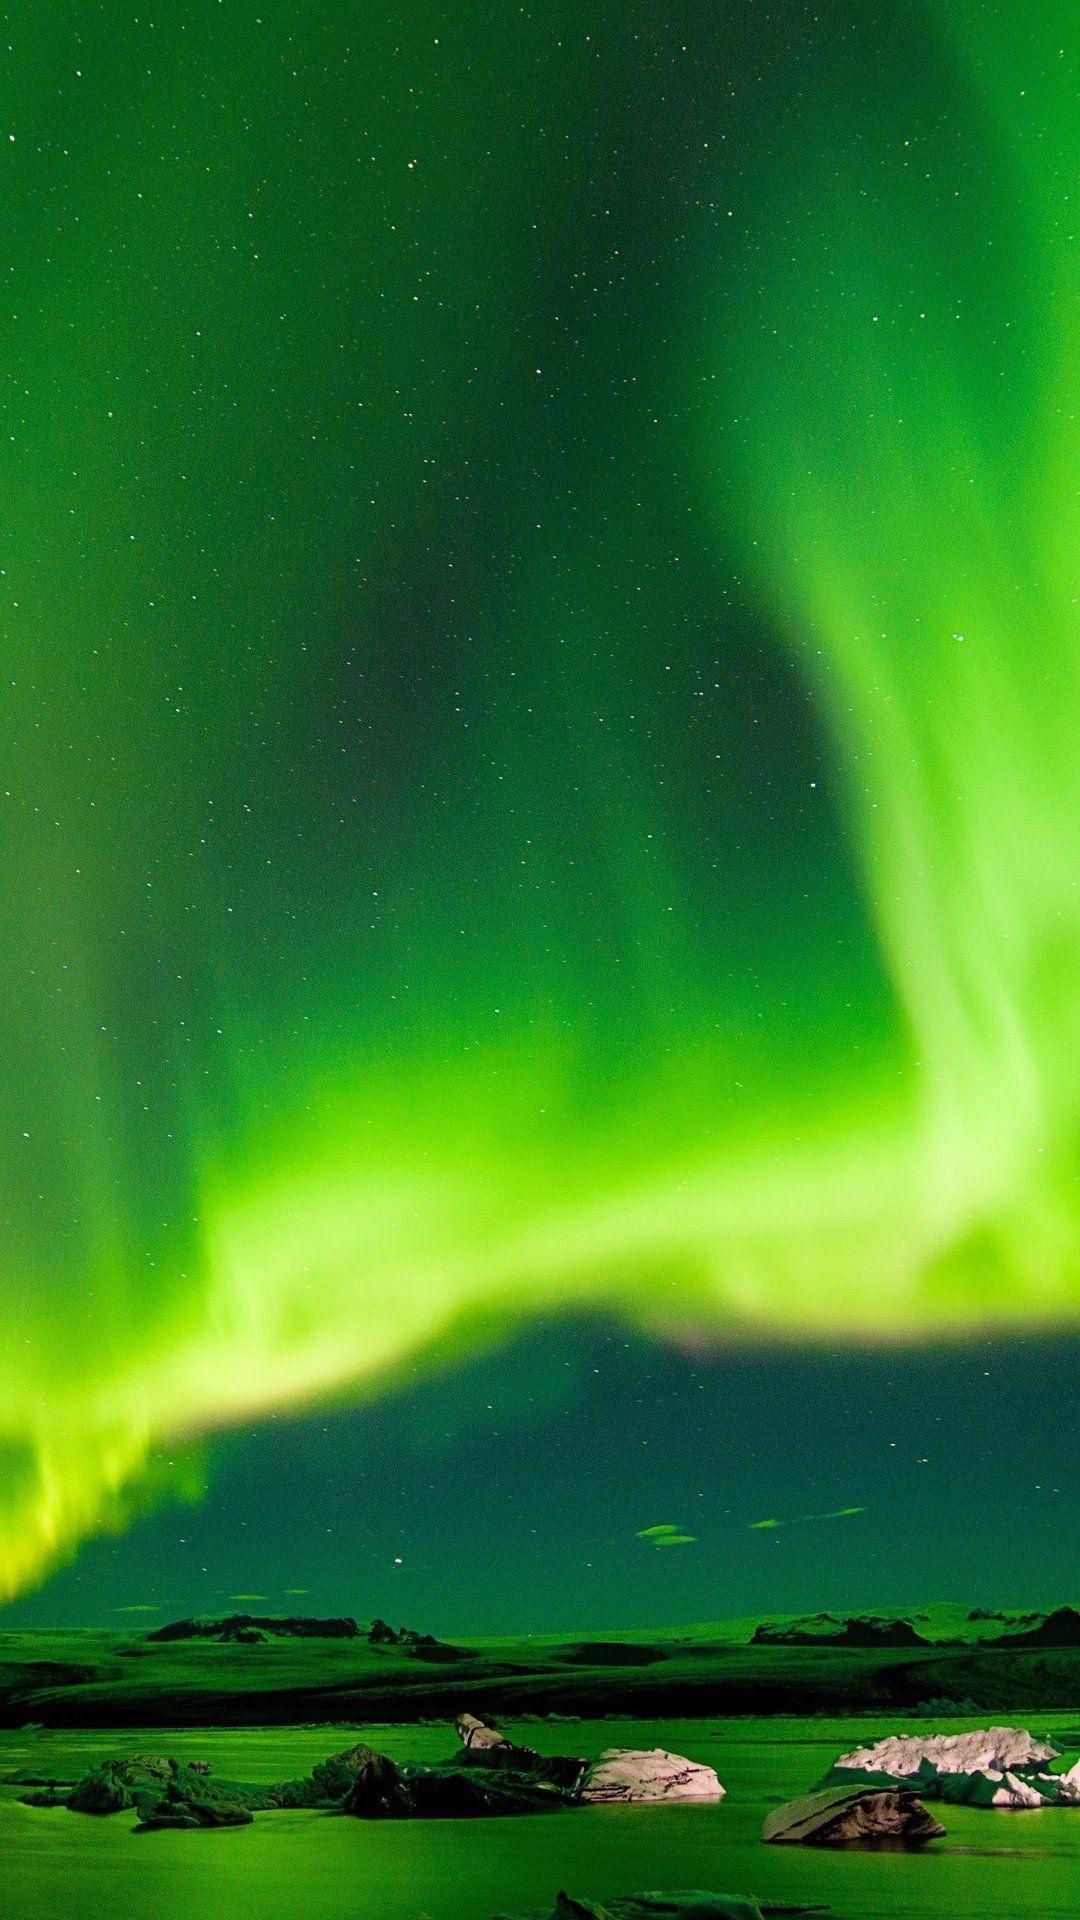 Northern Lights Aurora 4k In 1080x1920 Resolution Northern Lights Aurora Boreal Aurora Borealis Northern Lights